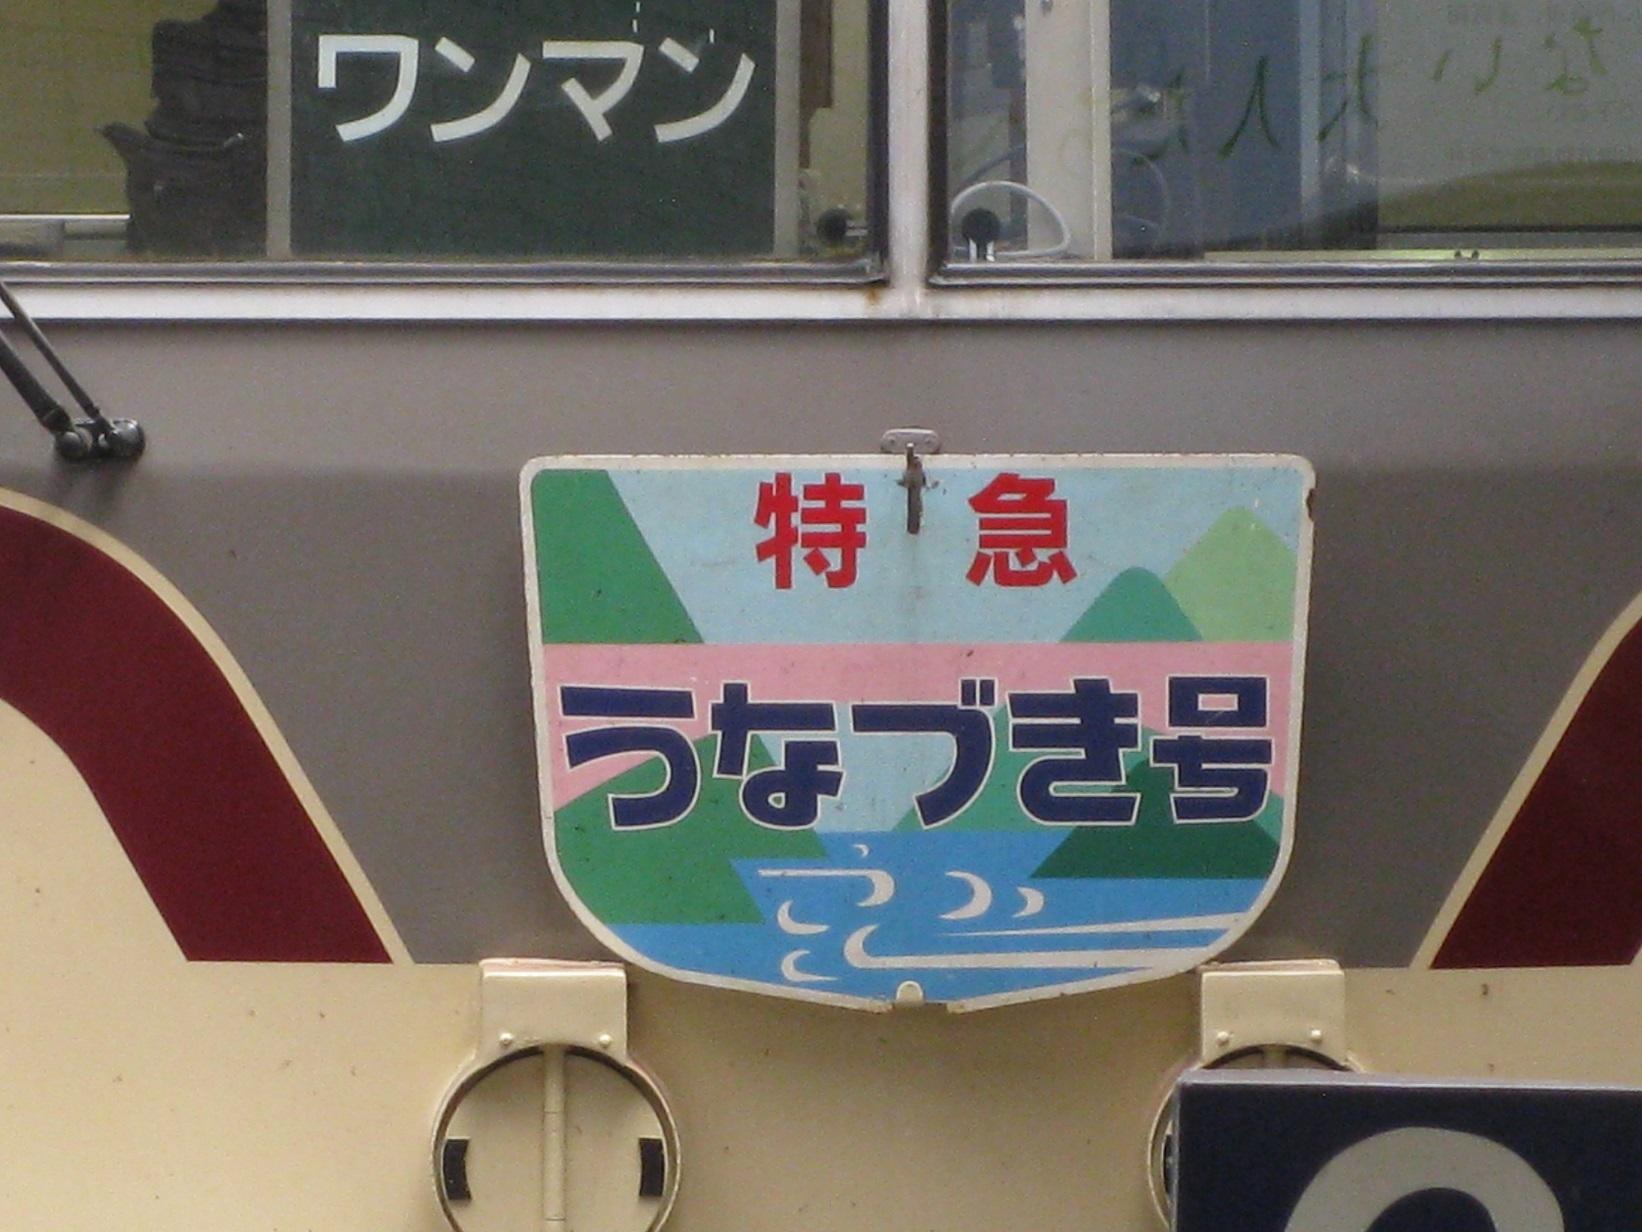 消滅危機の特急列車_f0281398_18183547.jpg